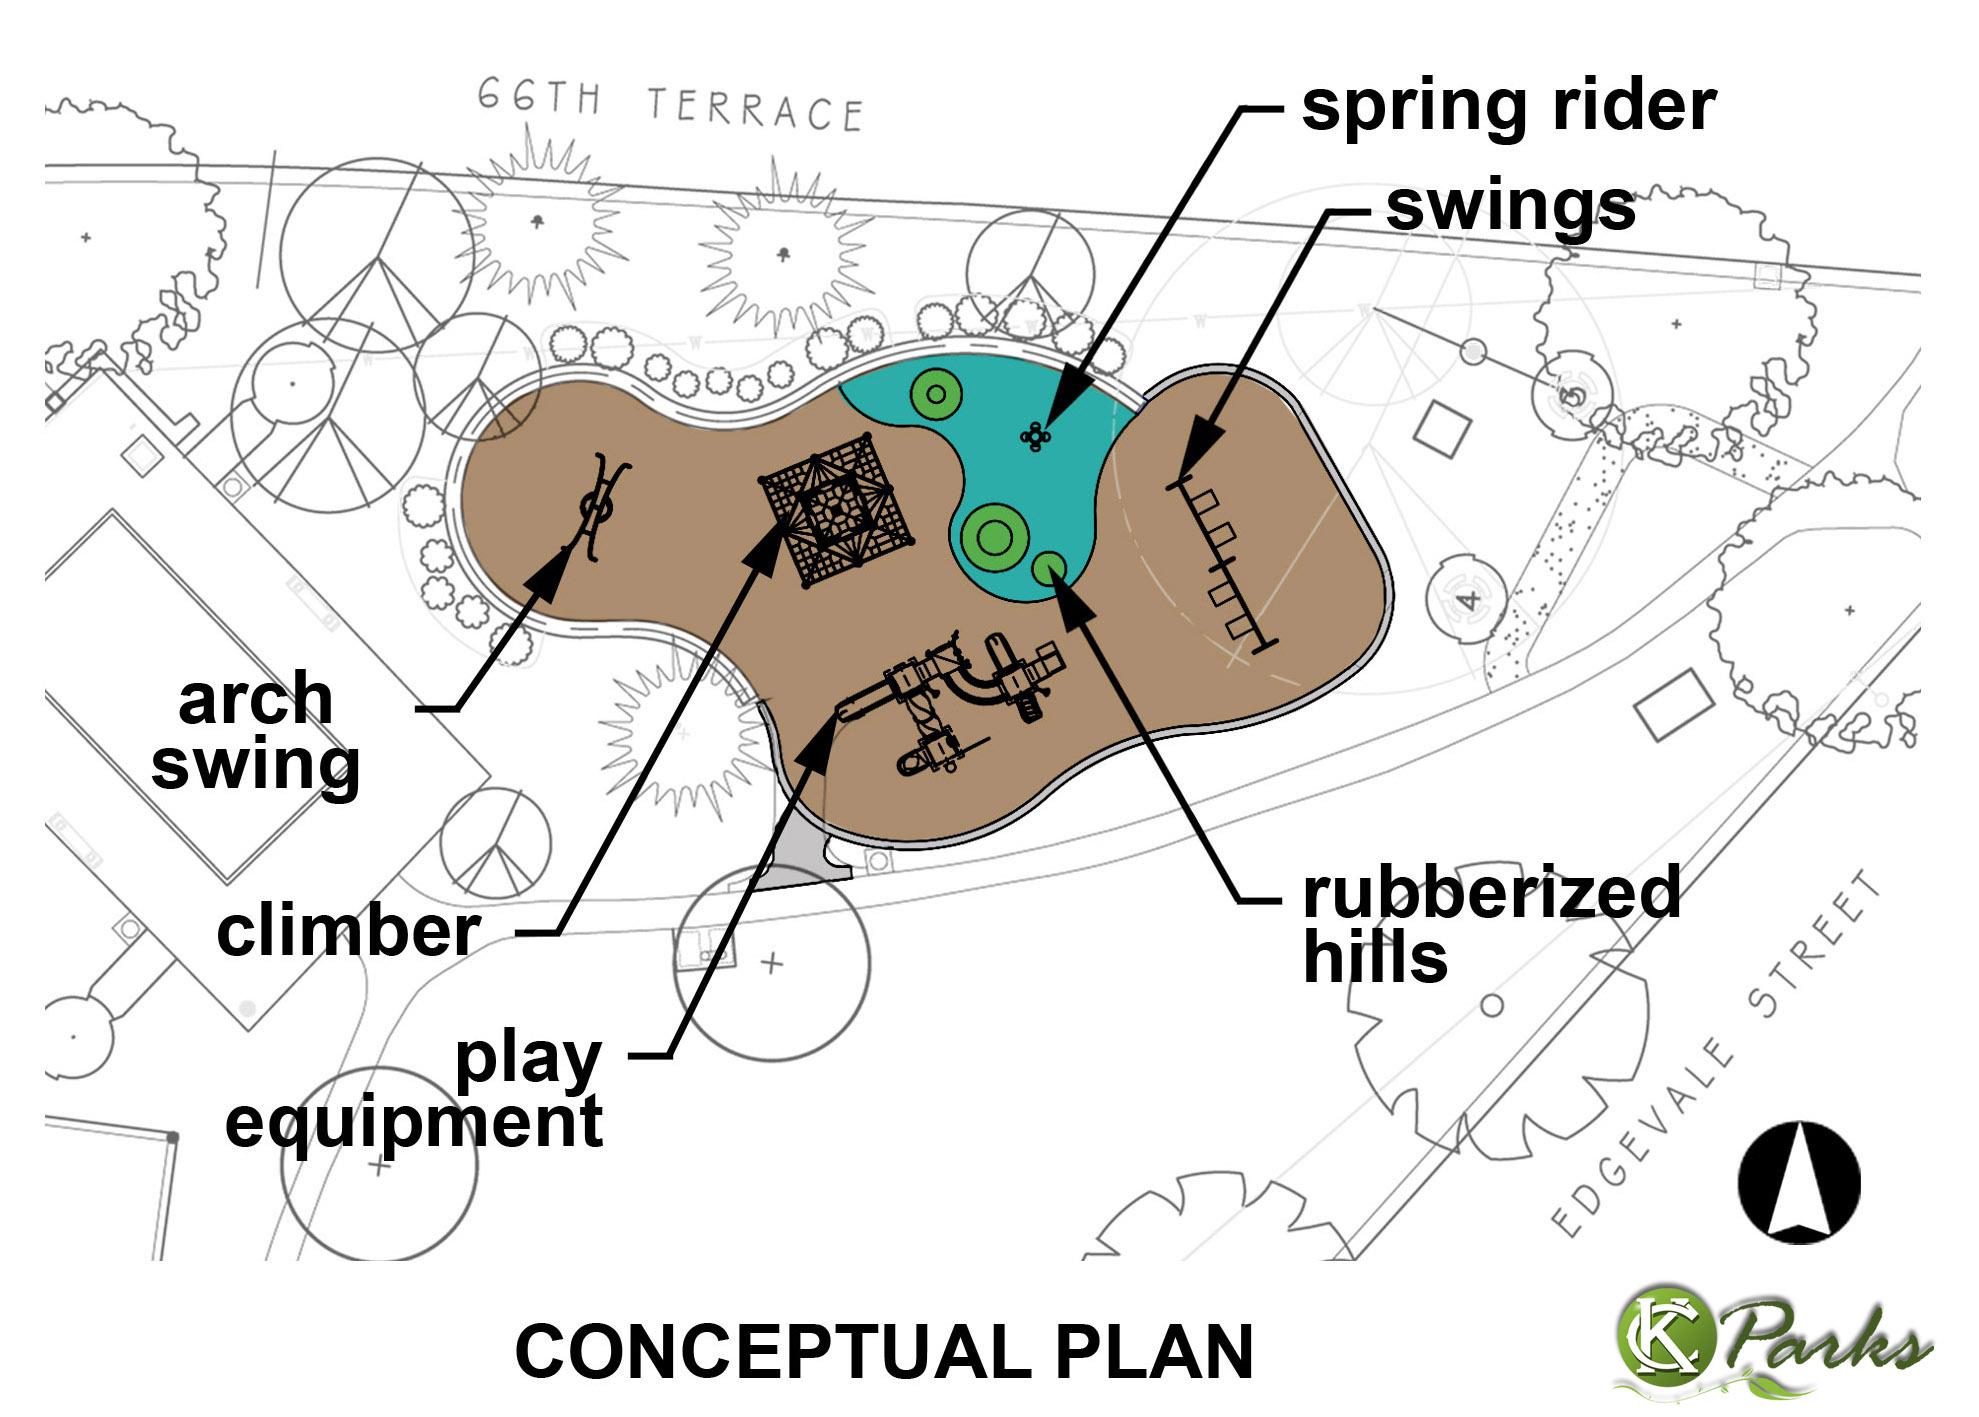 Arbor Villa Park Playground plan image